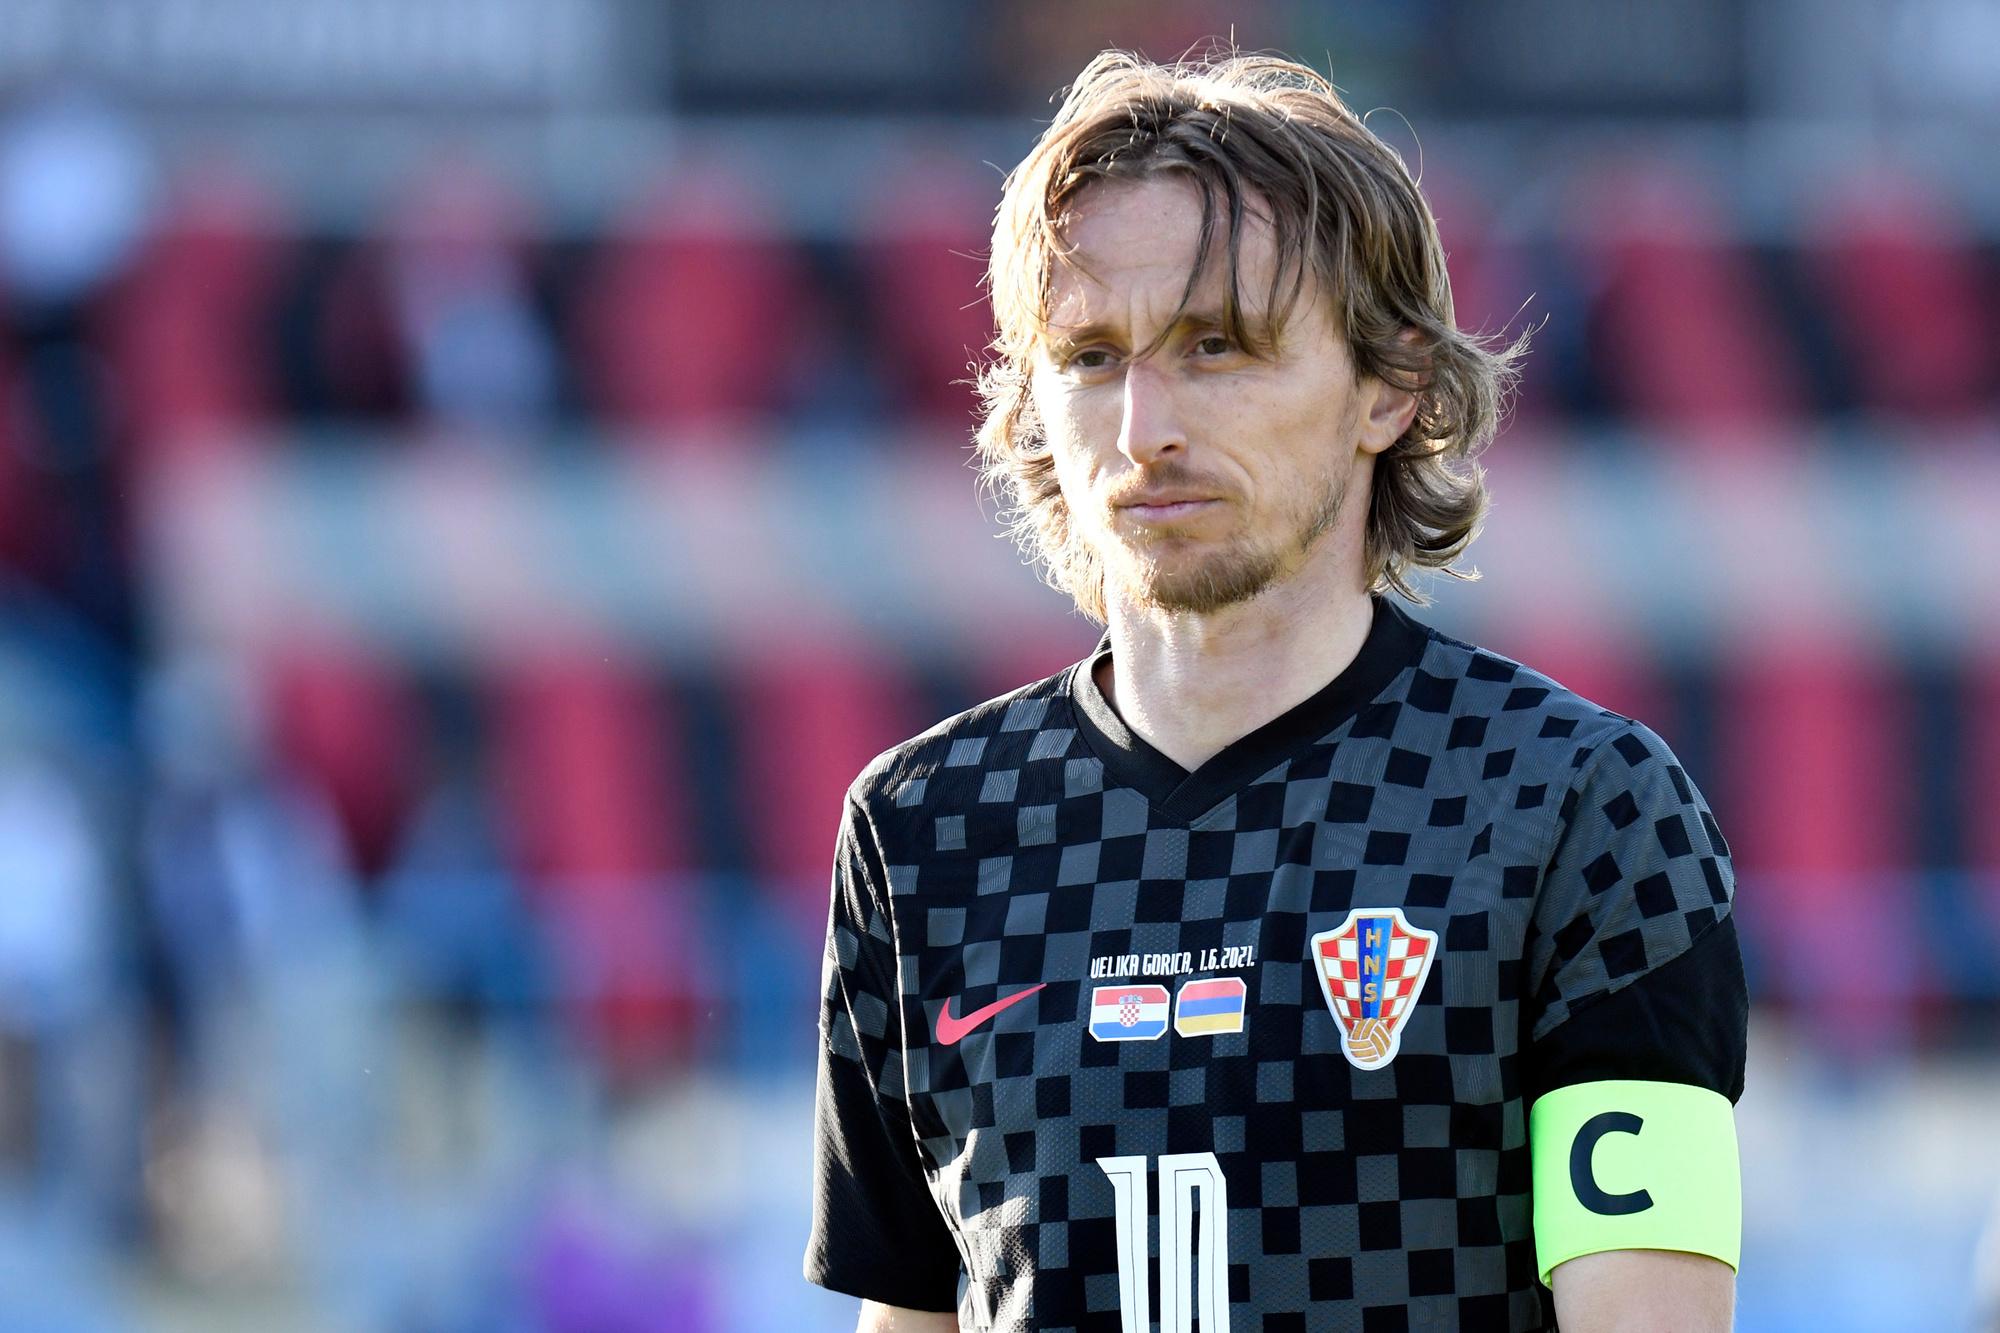 Modric is klaar voor een laatste kunststukje bij Kroatië, GETTY